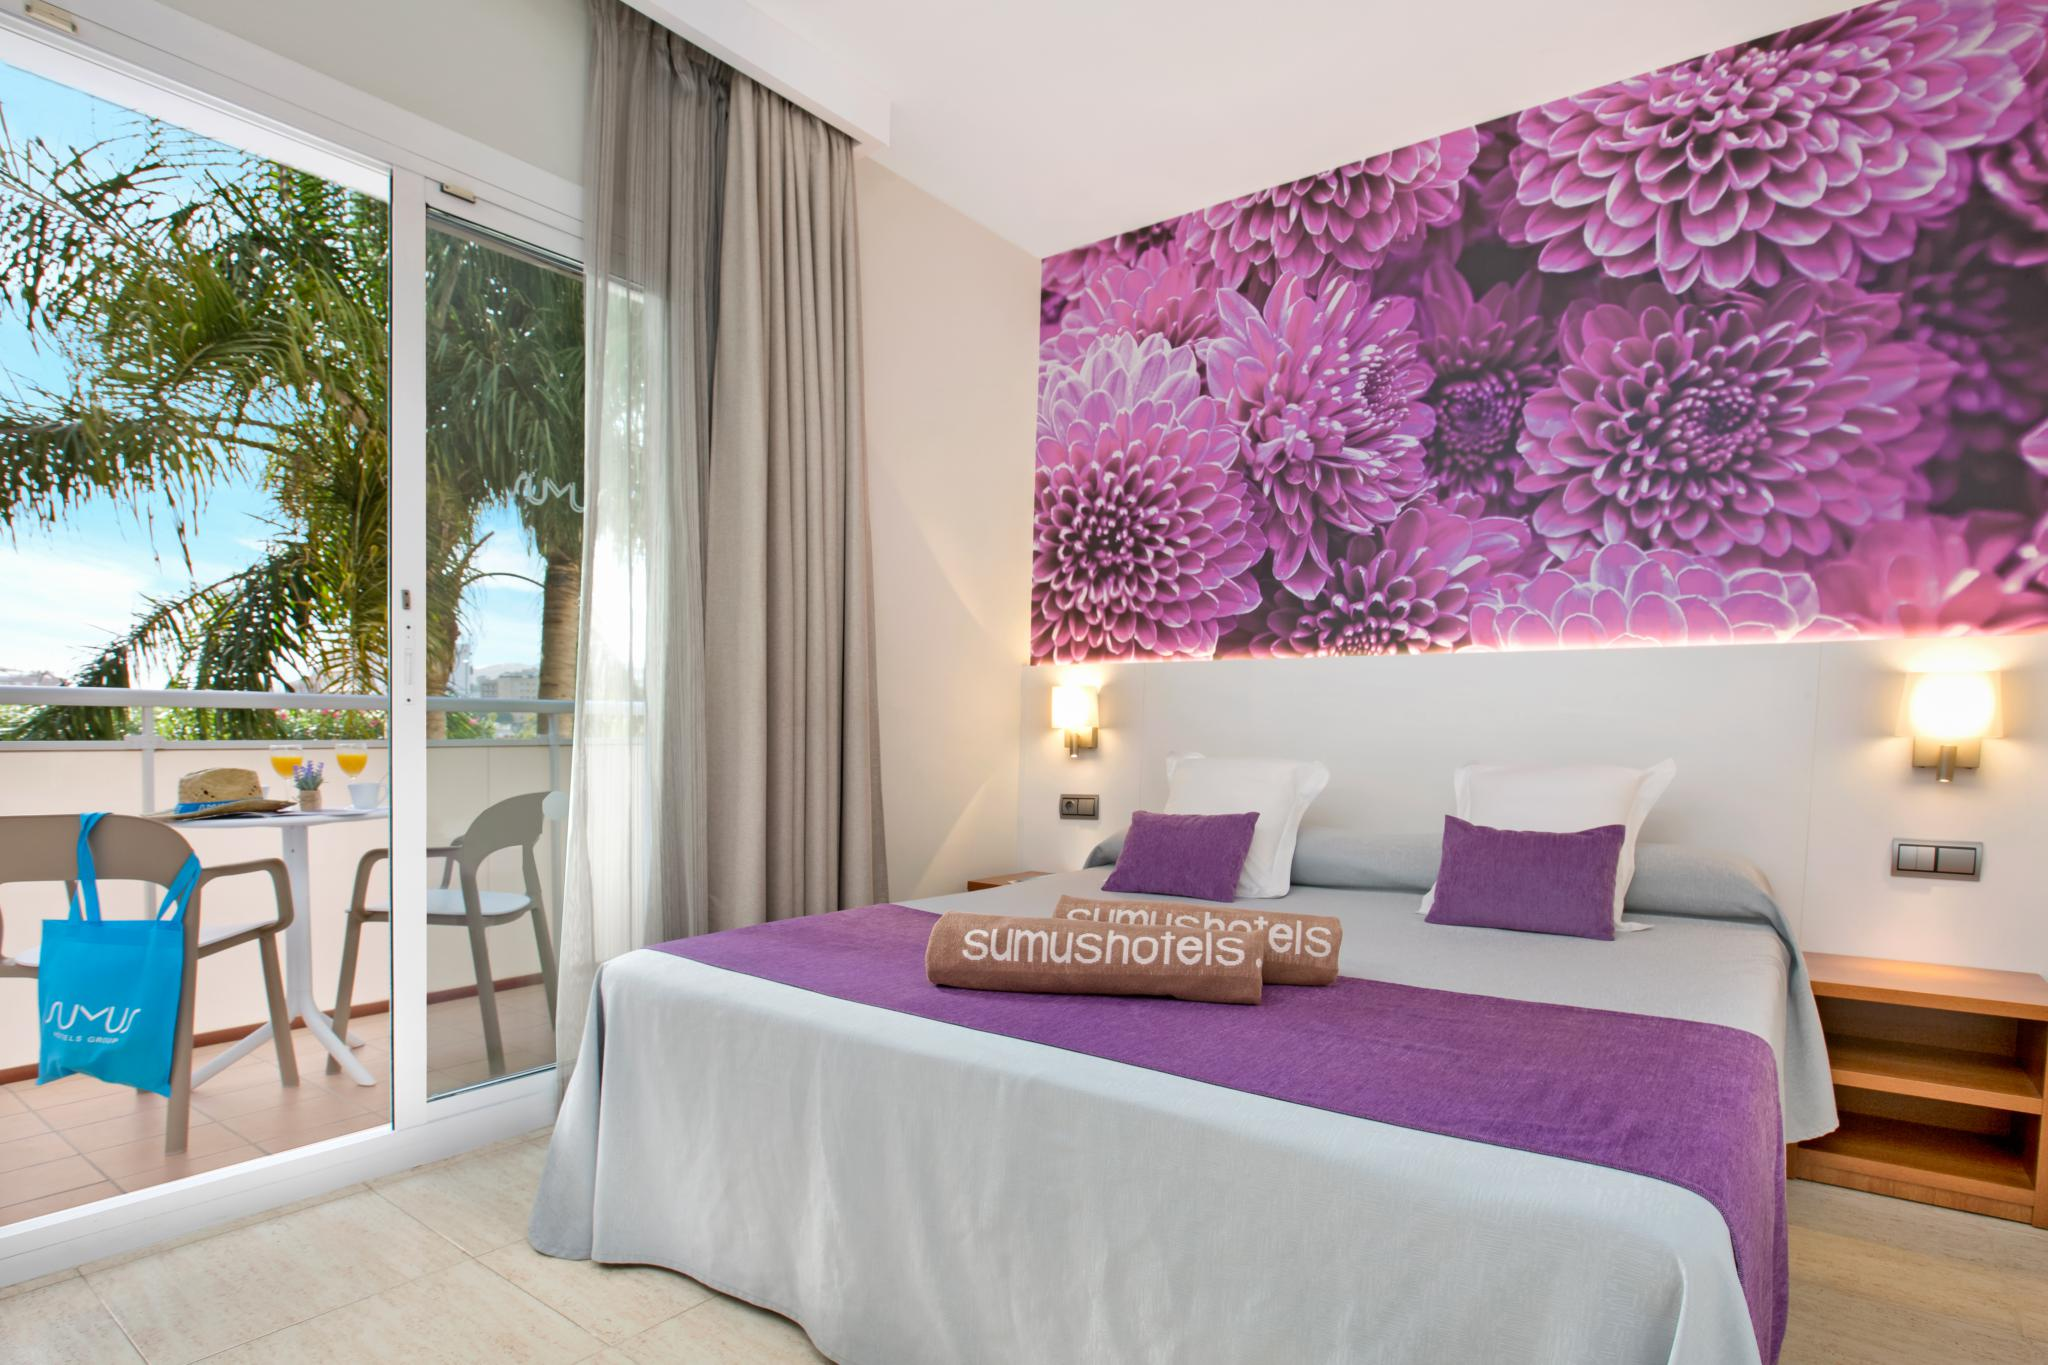 sumus hotel monteplaya malgrat de mar habitacion estandar436